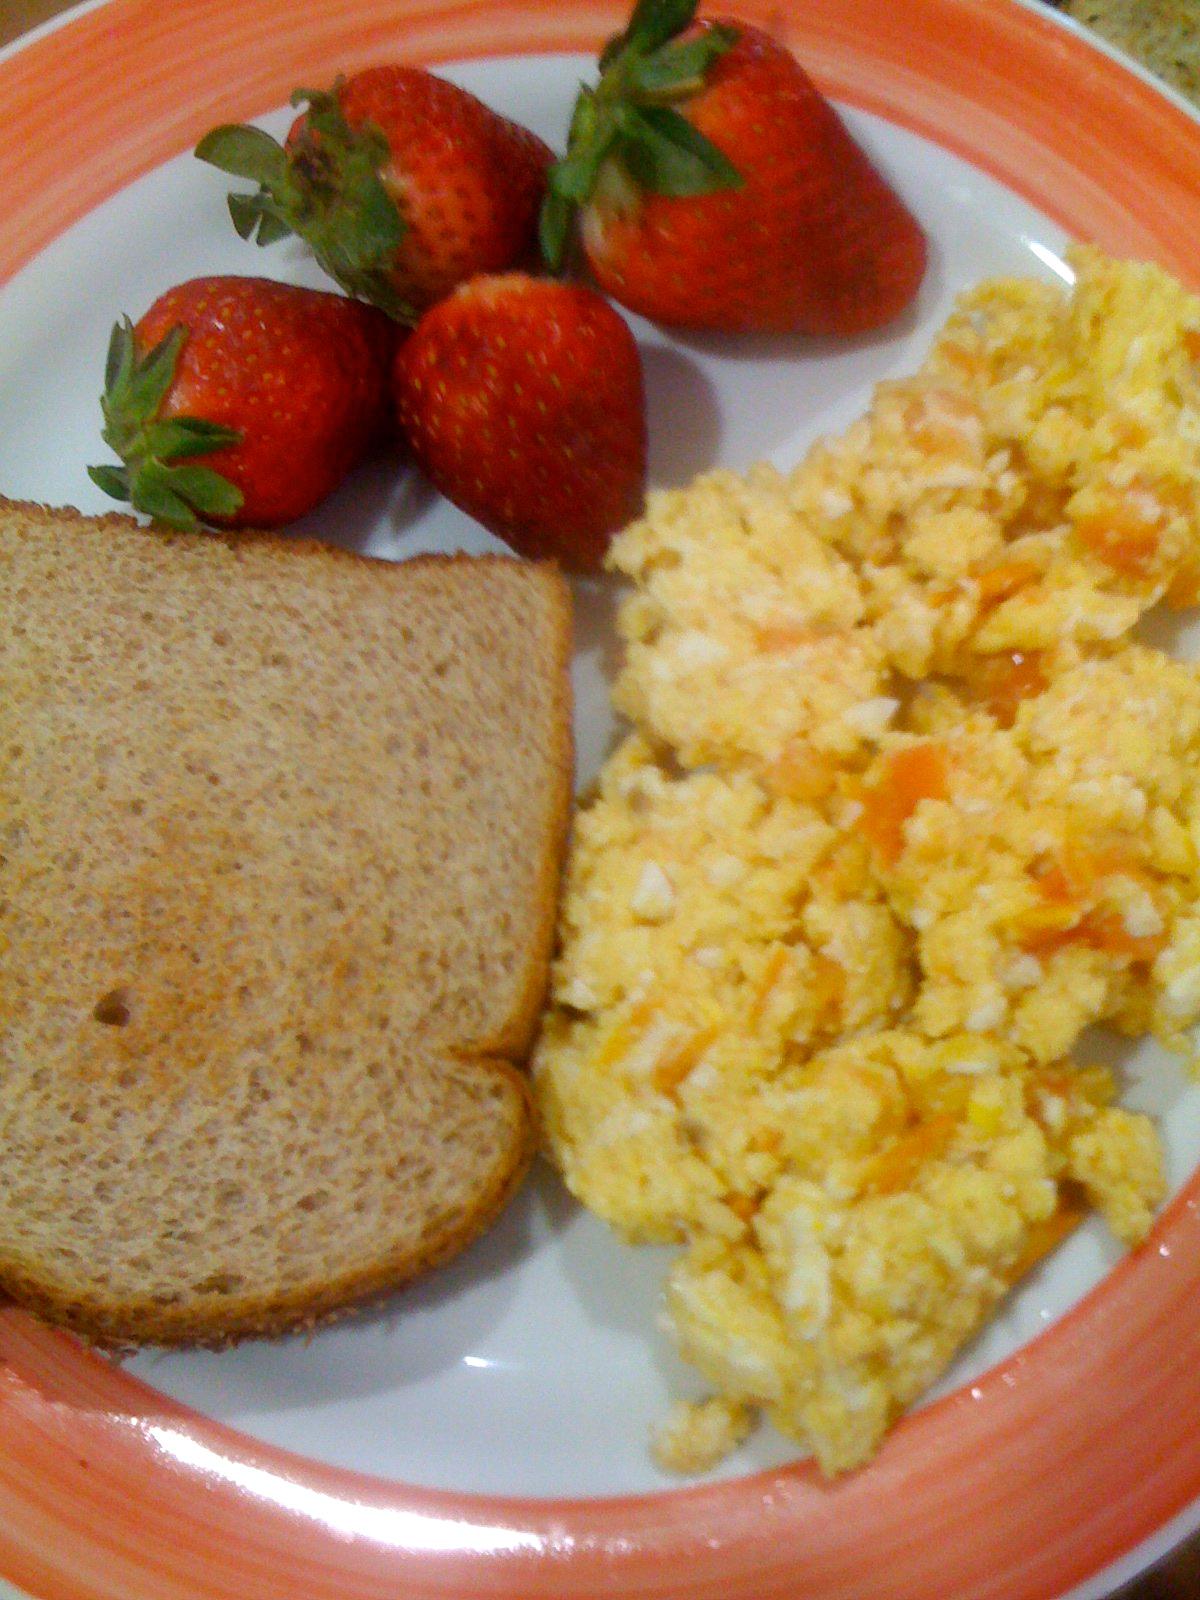 Breakfast Fat 41